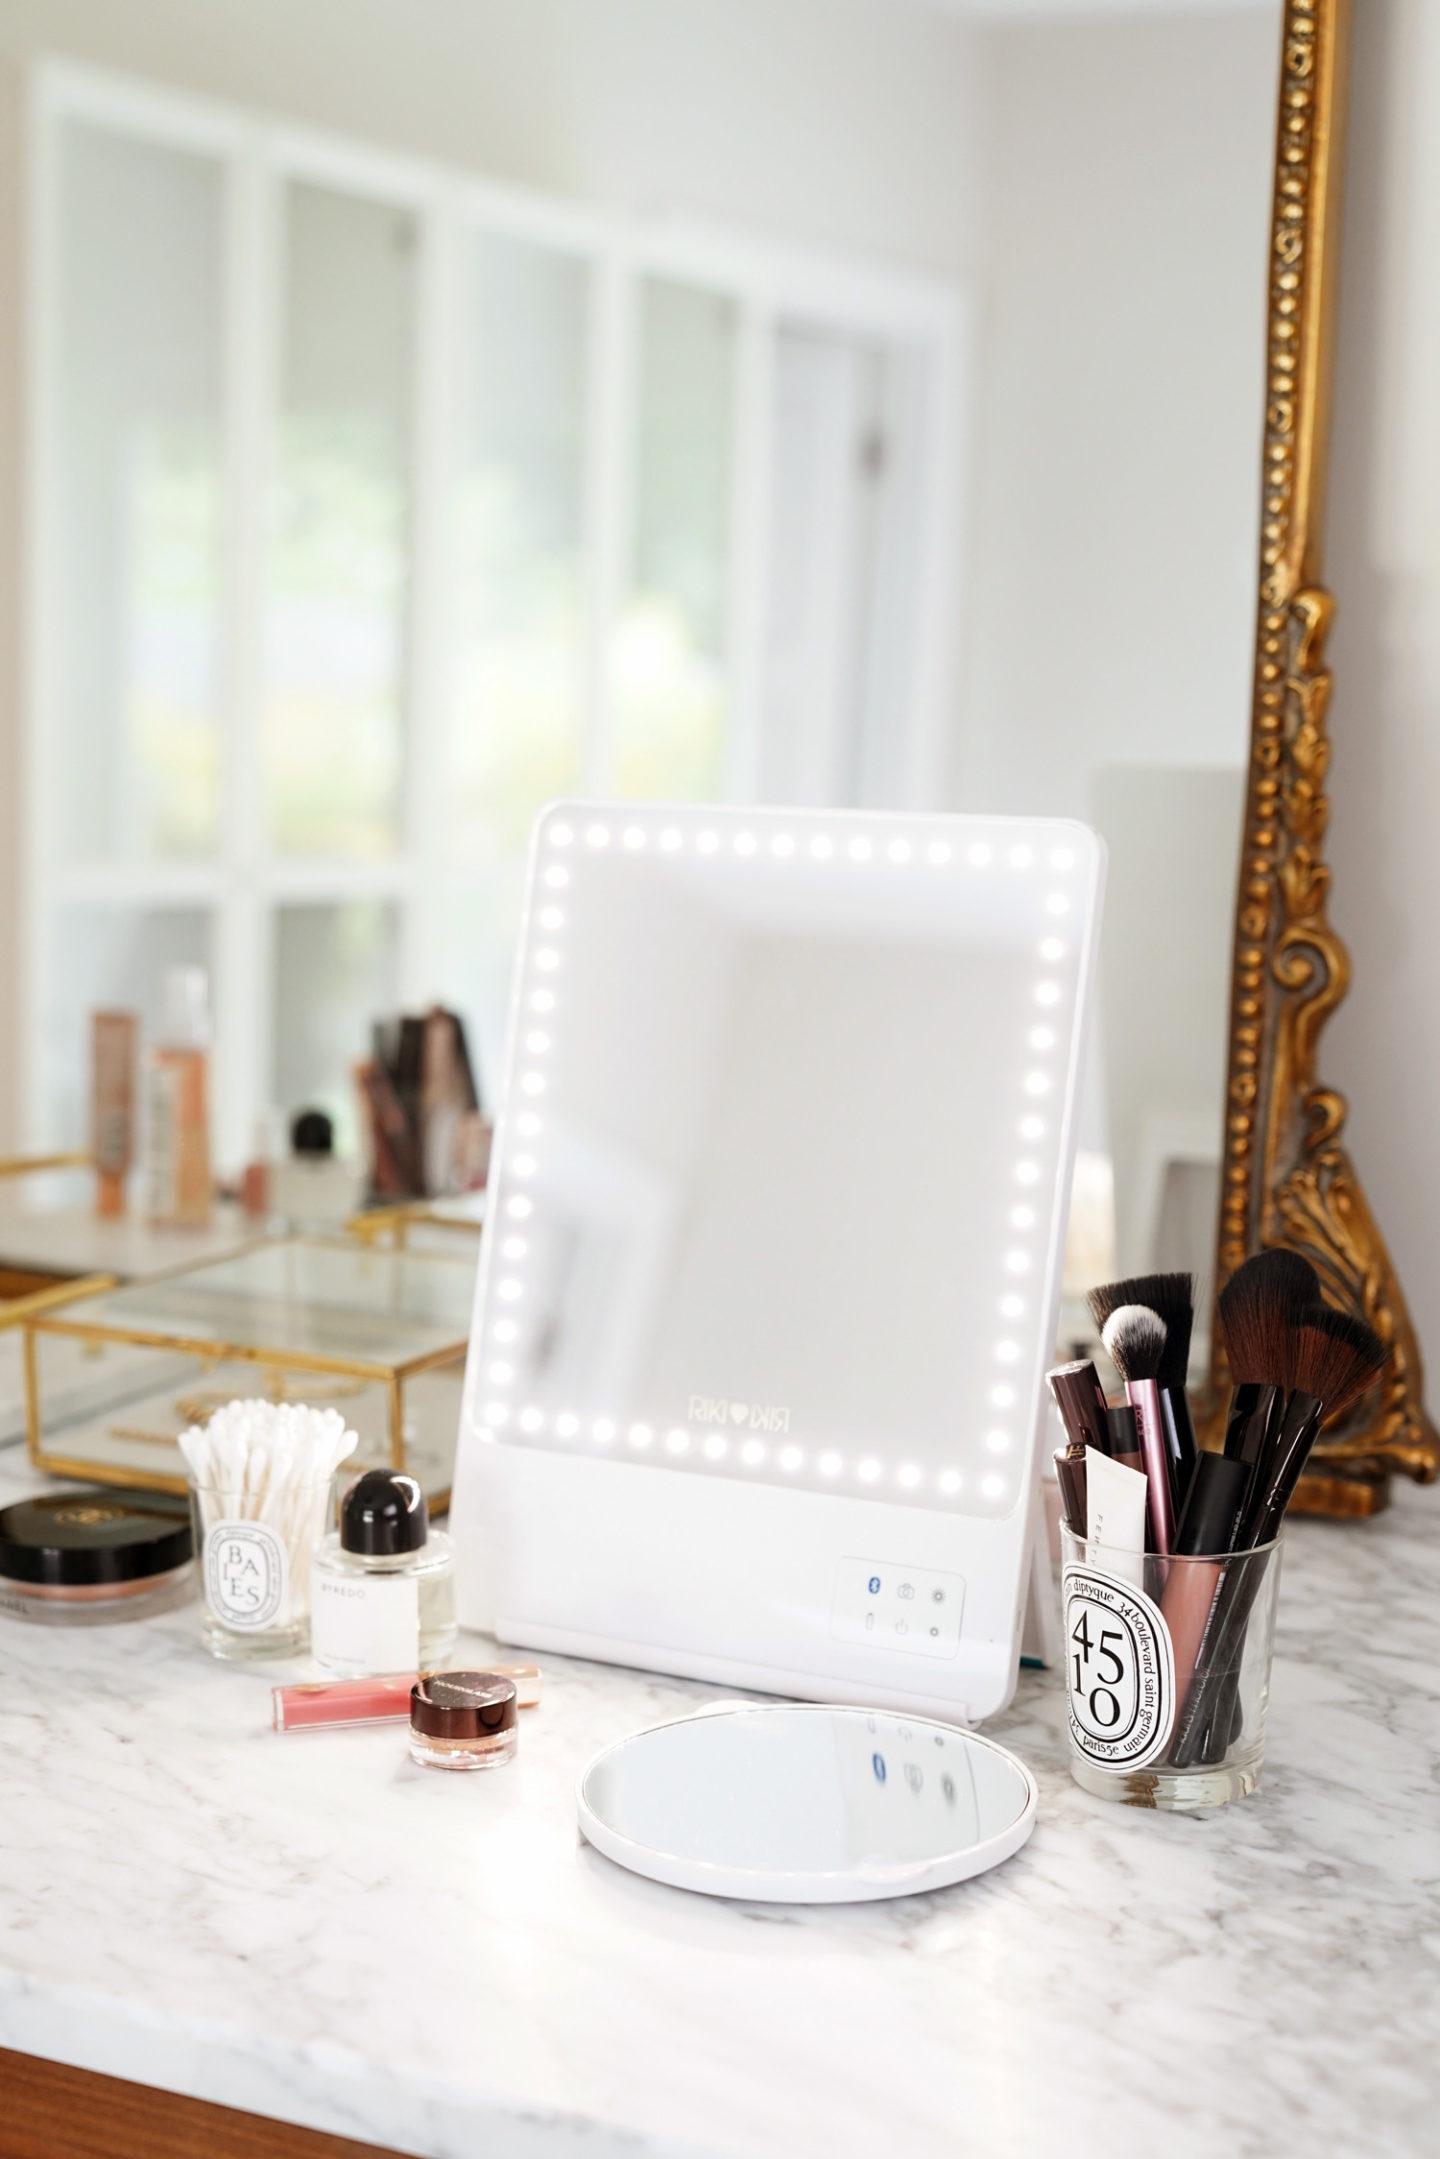 Avis sur Riki Skinny Vanity Mirror via The Beauty Look Book